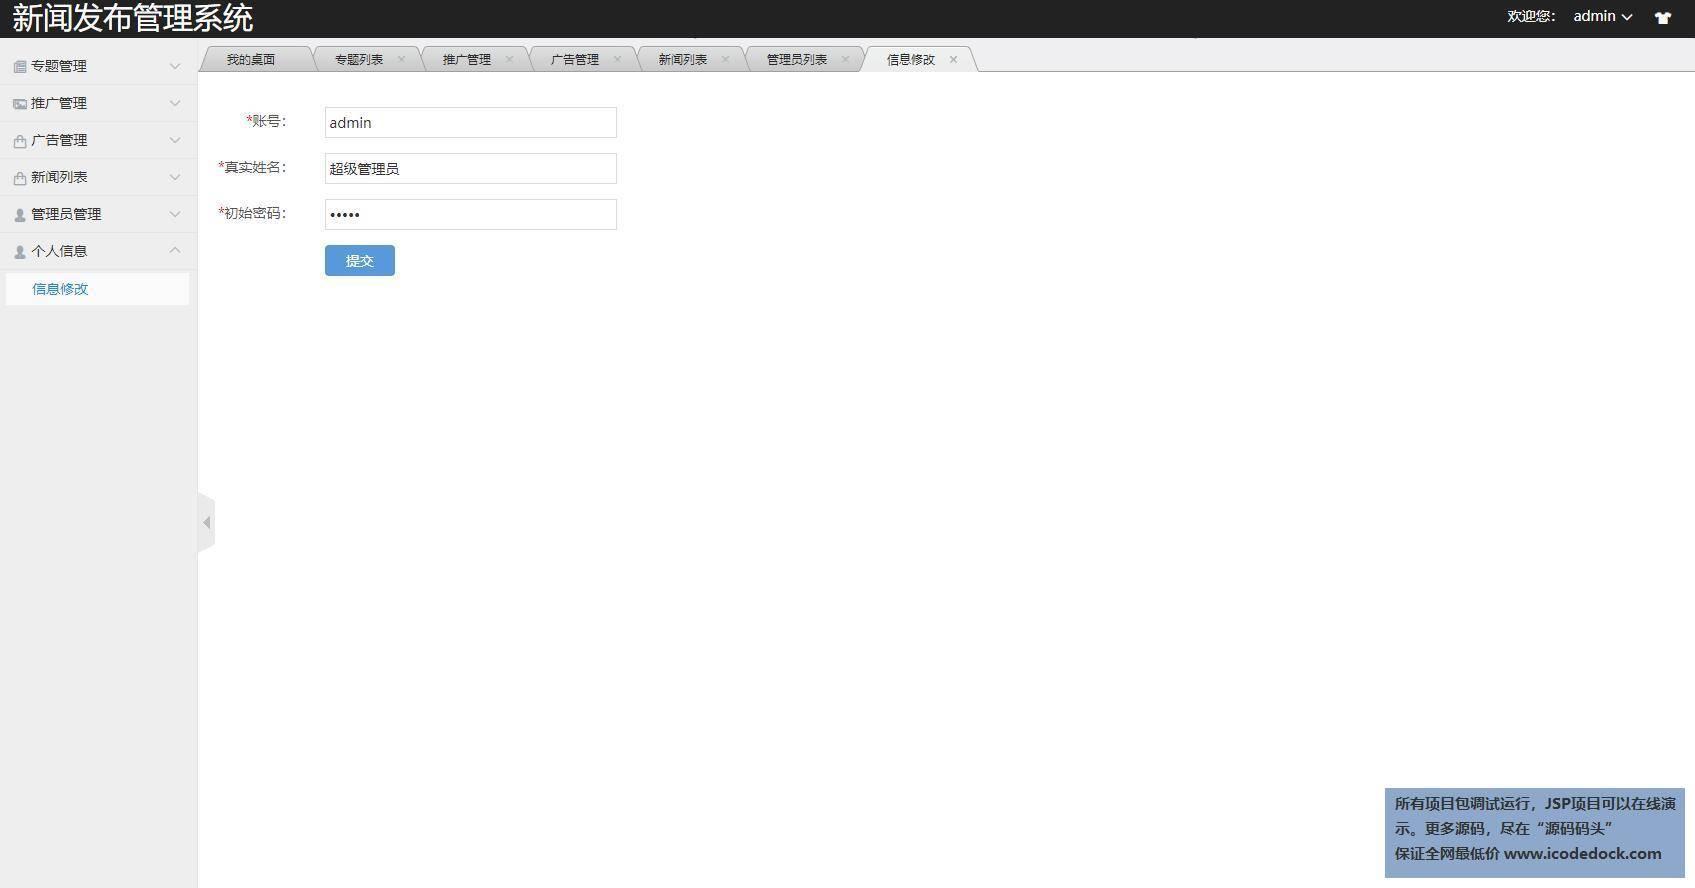 源码码头-SSM新闻资讯网站管理系统-管理员角色-信息修改